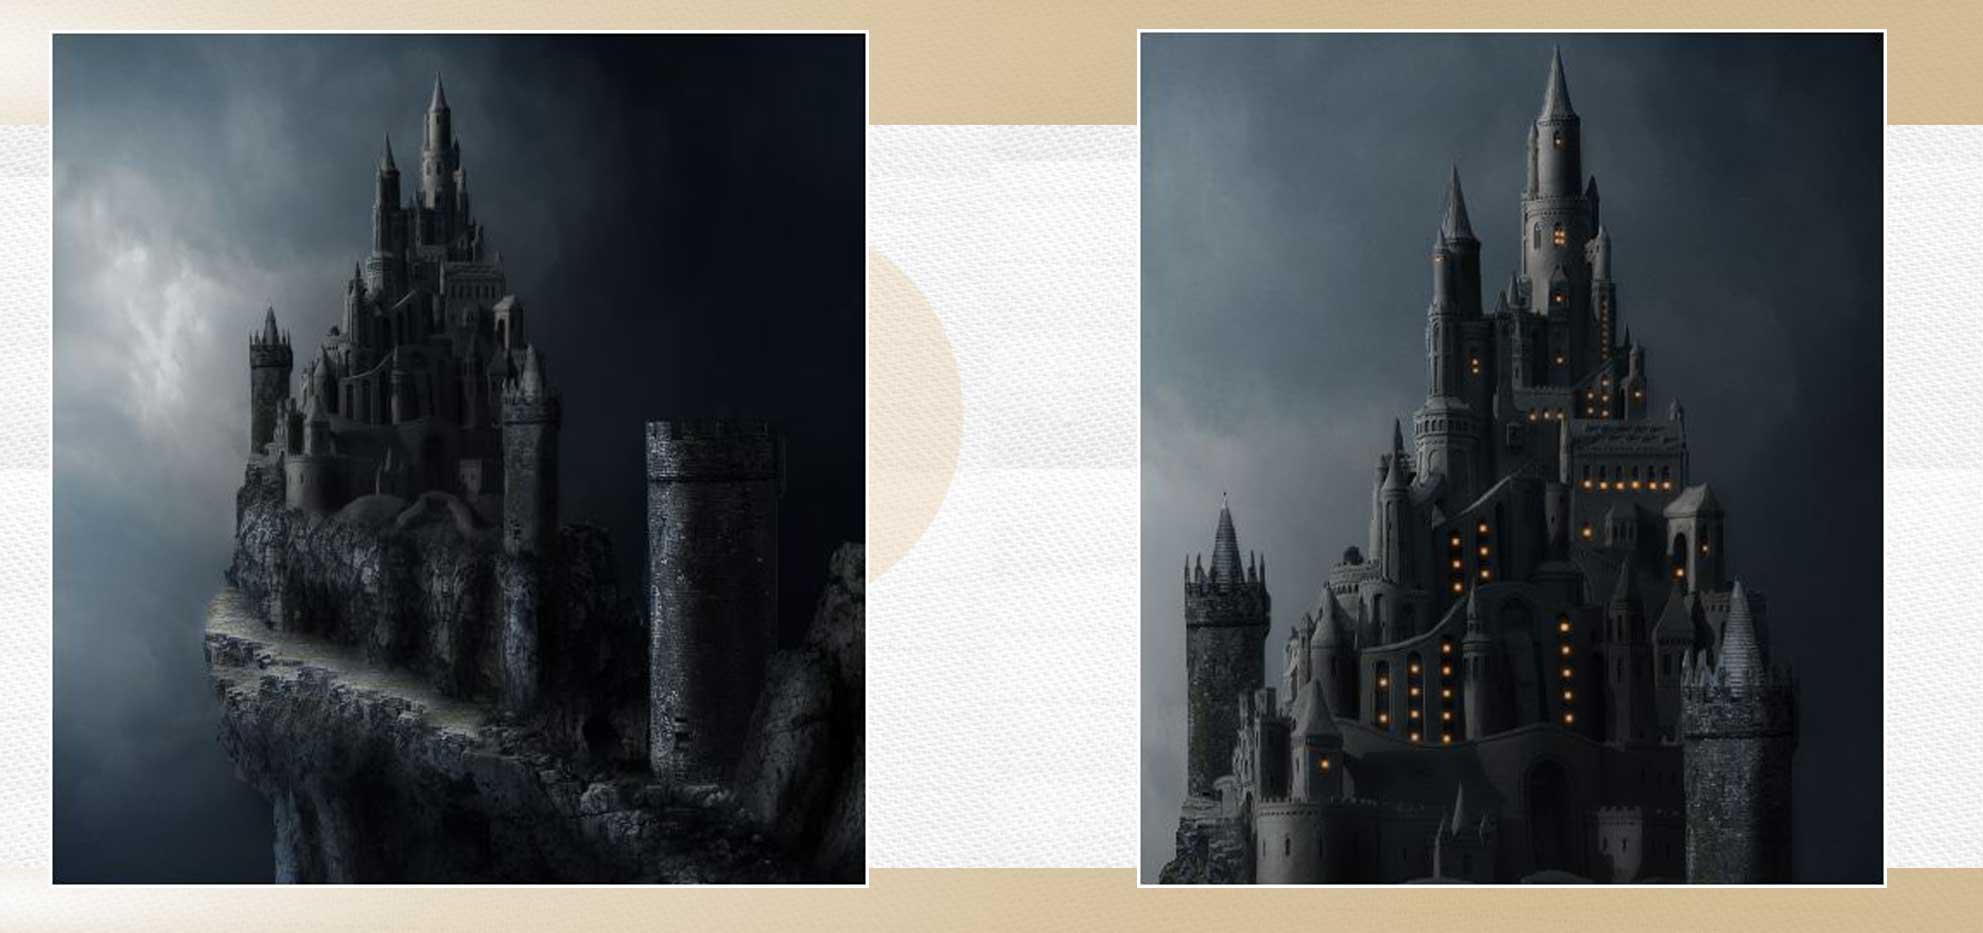 sakhte ghalee 14 - آموزش تصویری ساخت قلعه در فتوشاپ